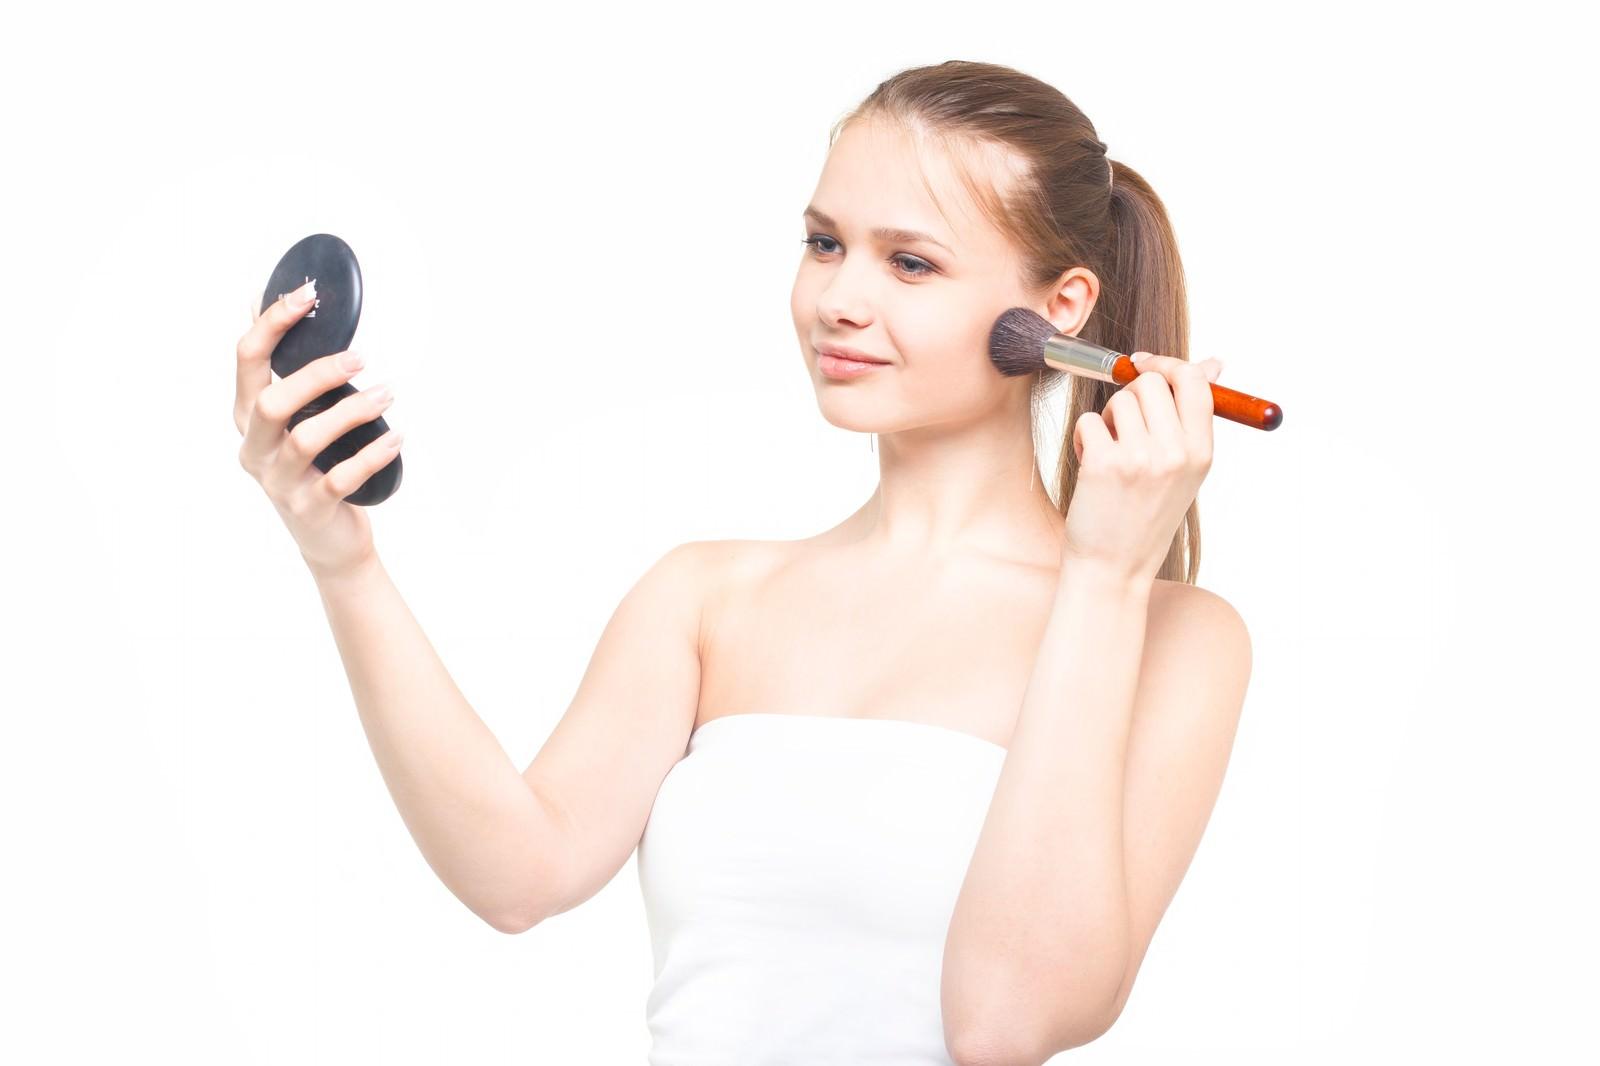 「コンパクトミラーを持ちながらチークブラシでメイクする外国人女性」の写真[モデル:モデルファクトリー]